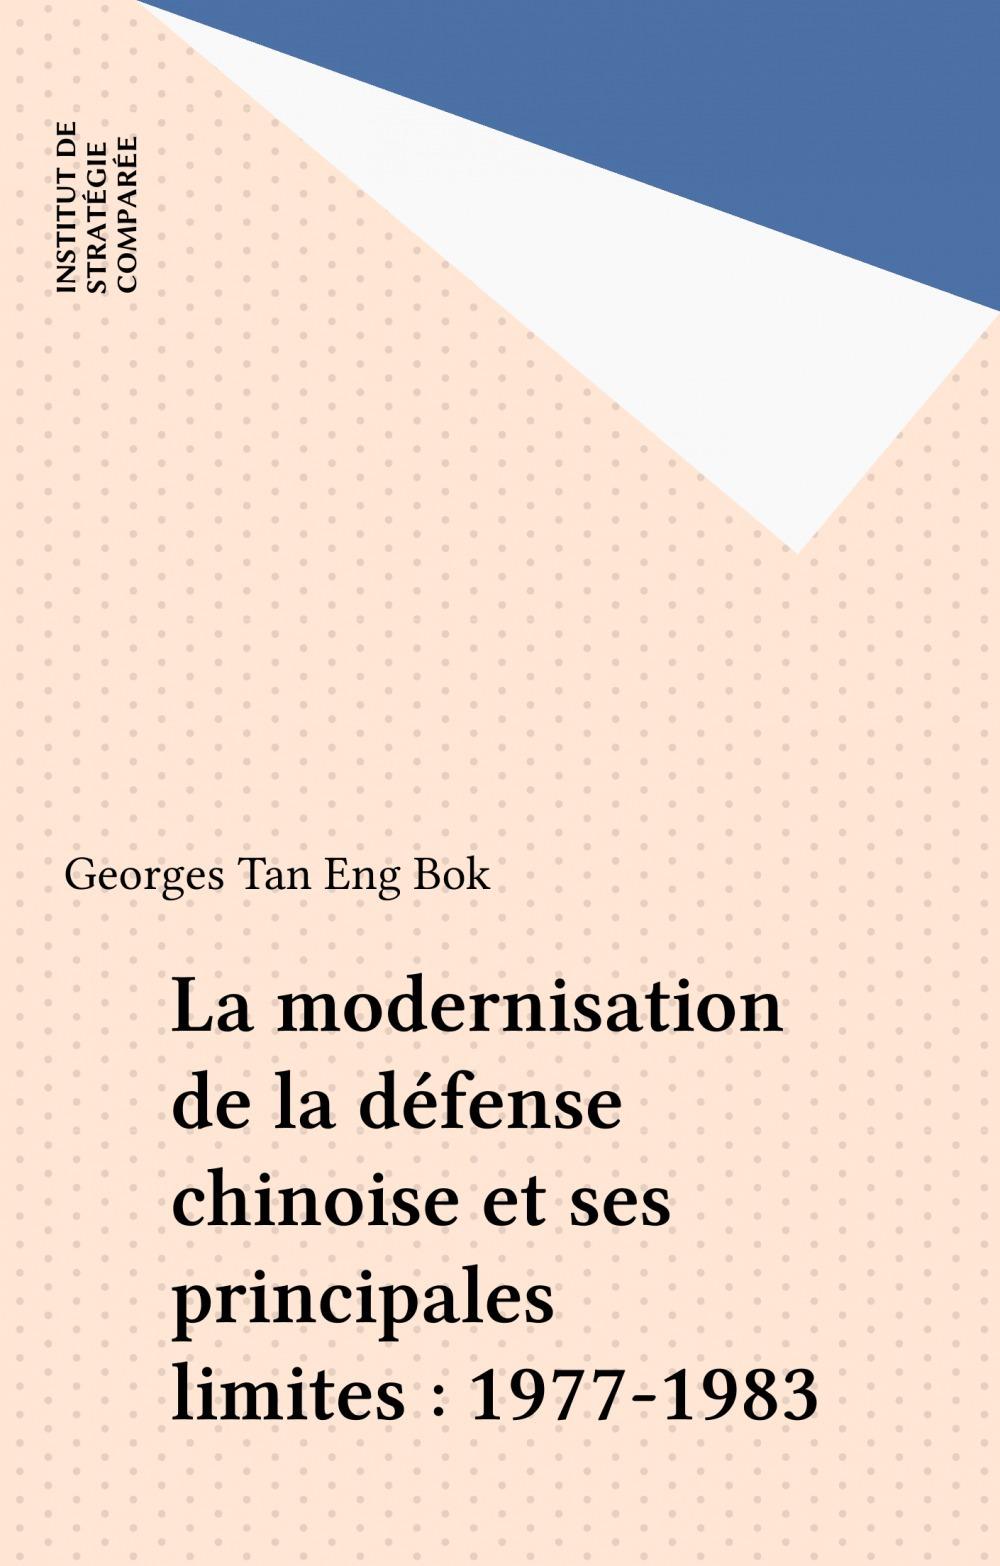 La modernisation de la défense chinoise et ses principales limites : 1977-1983